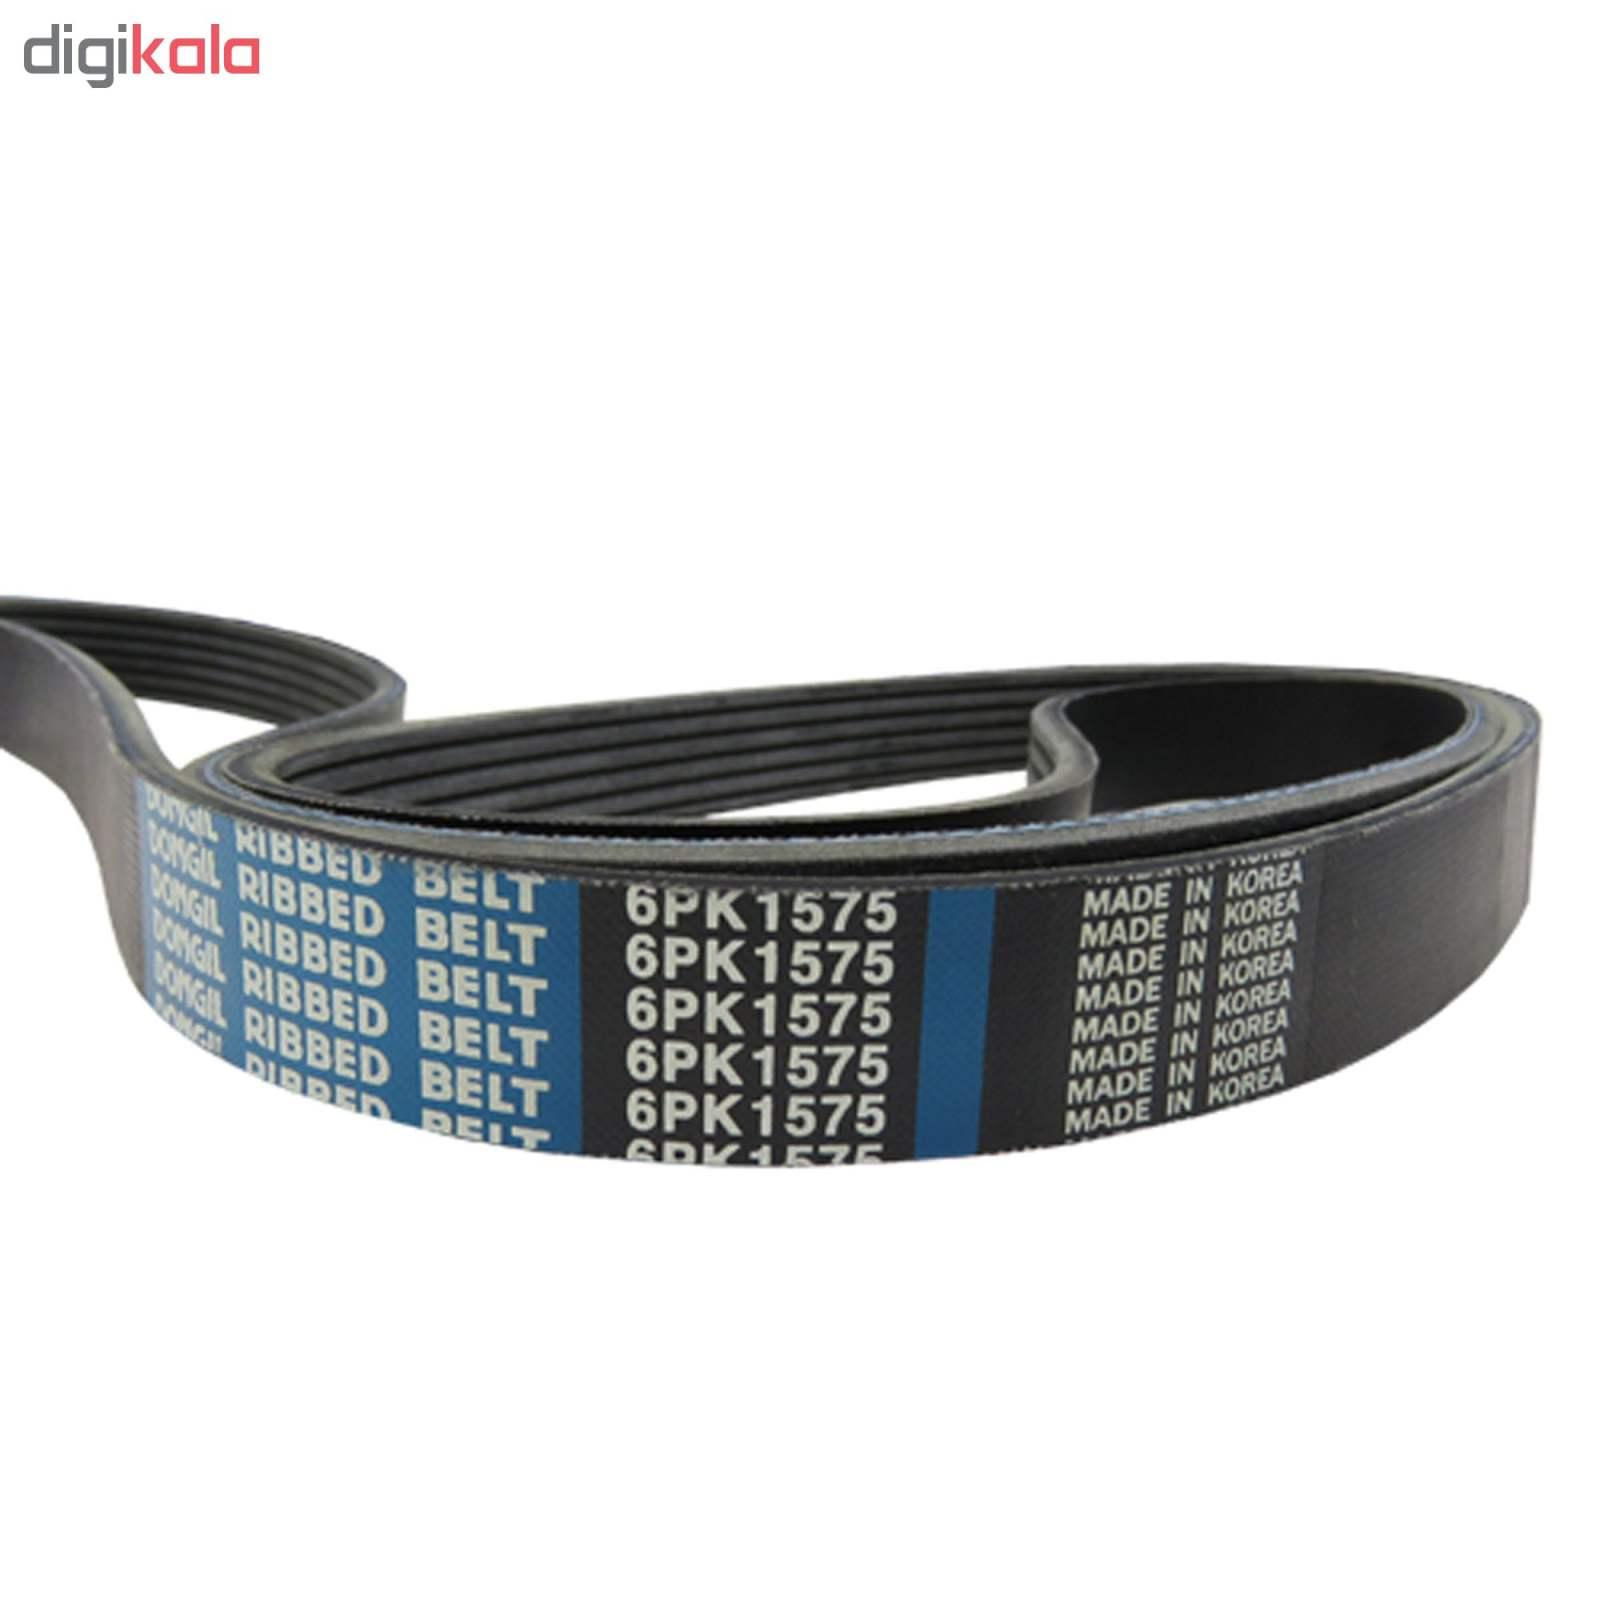 تسمه دینام دانگیل مدل 6PK1575 مناسب برای پژو 206 تیپ 5و6 main 1 1